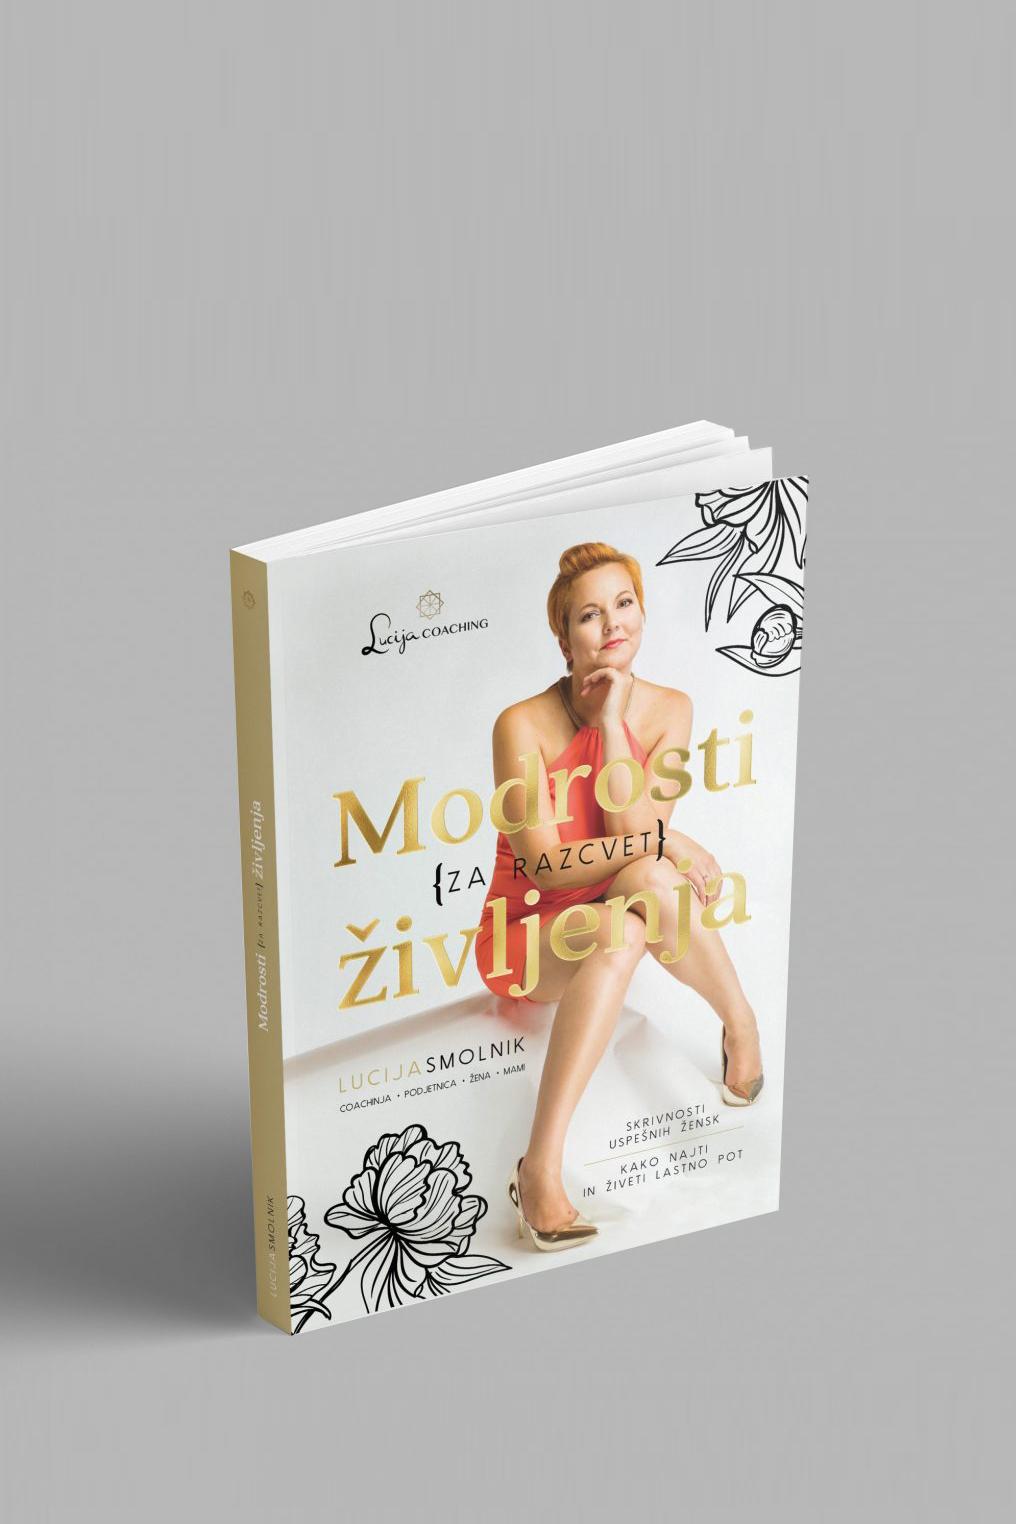 lucija_smolnik_Book_cover_mockup_1.jpg